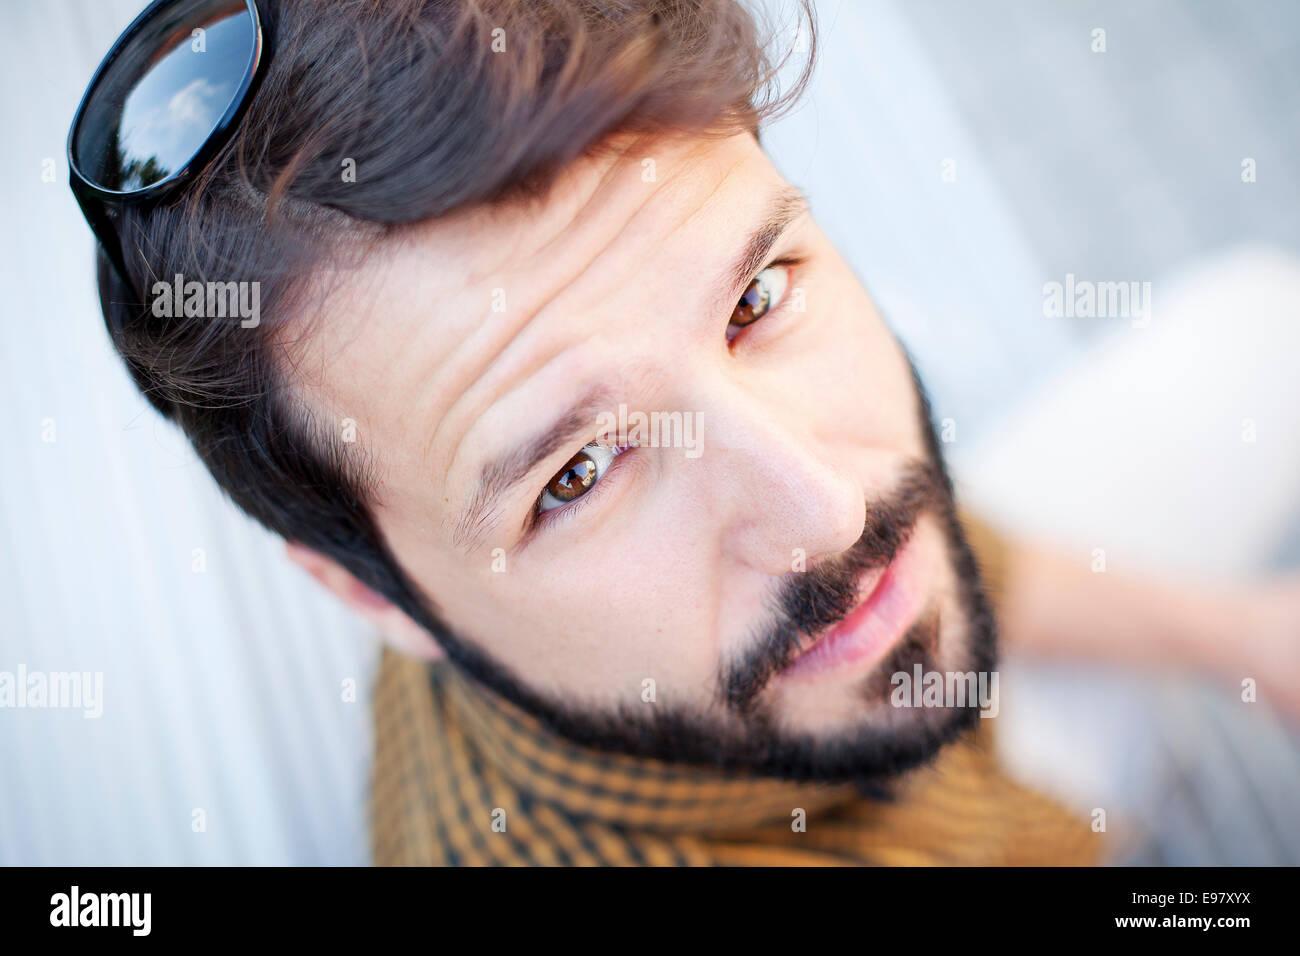 Retrato de joven con barba y cabello marrón Imagen De Stock